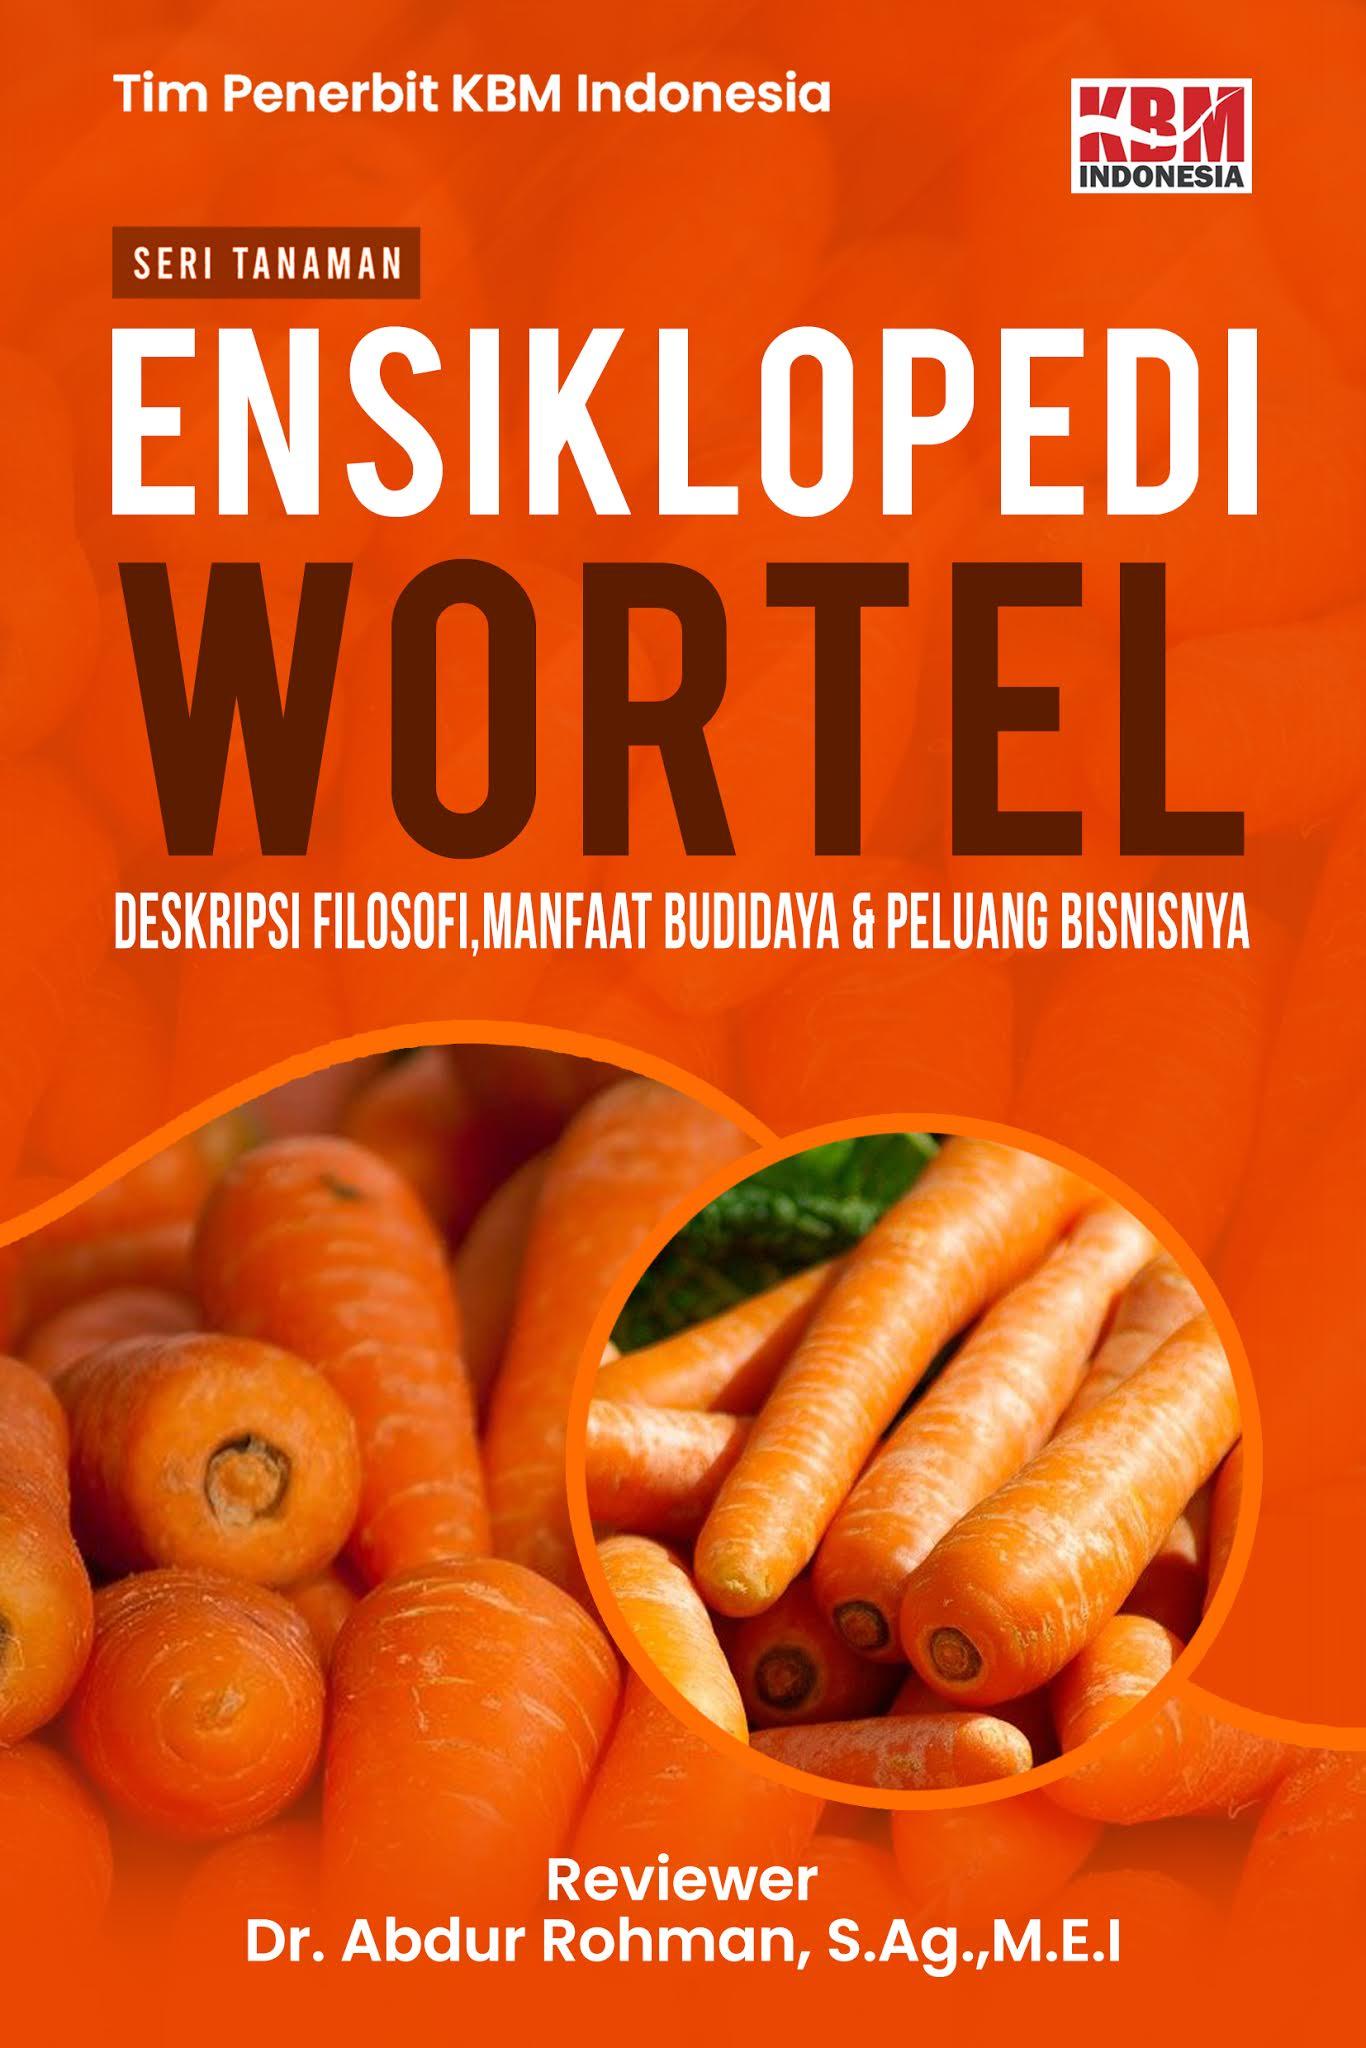 ENSIKLOPEDI WORTEL (Deskripsi, Filosofi, Manfaat, Budidaya dan Peluang Bisnisnya)